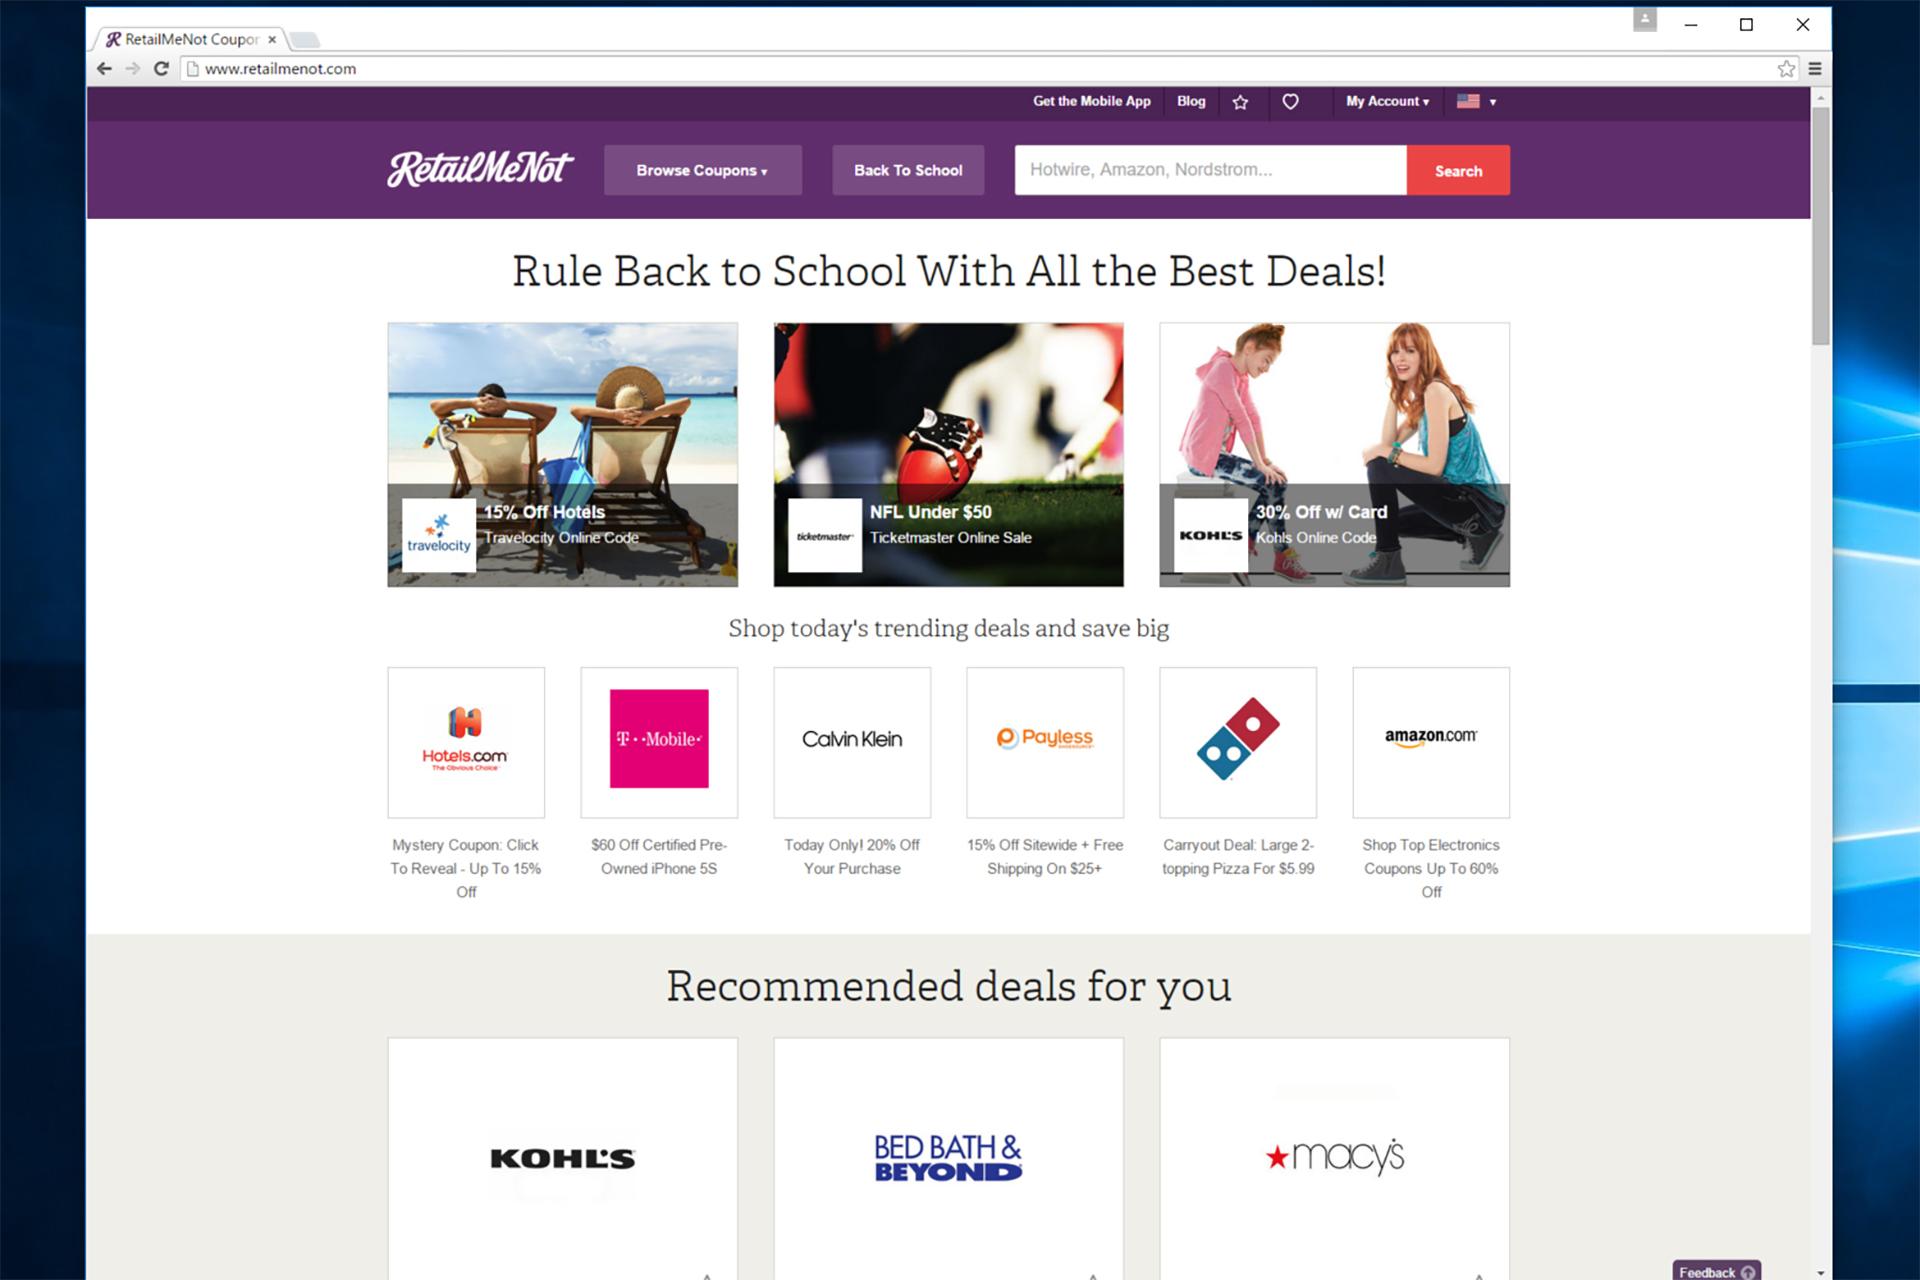 RetailMeNot.com web site.